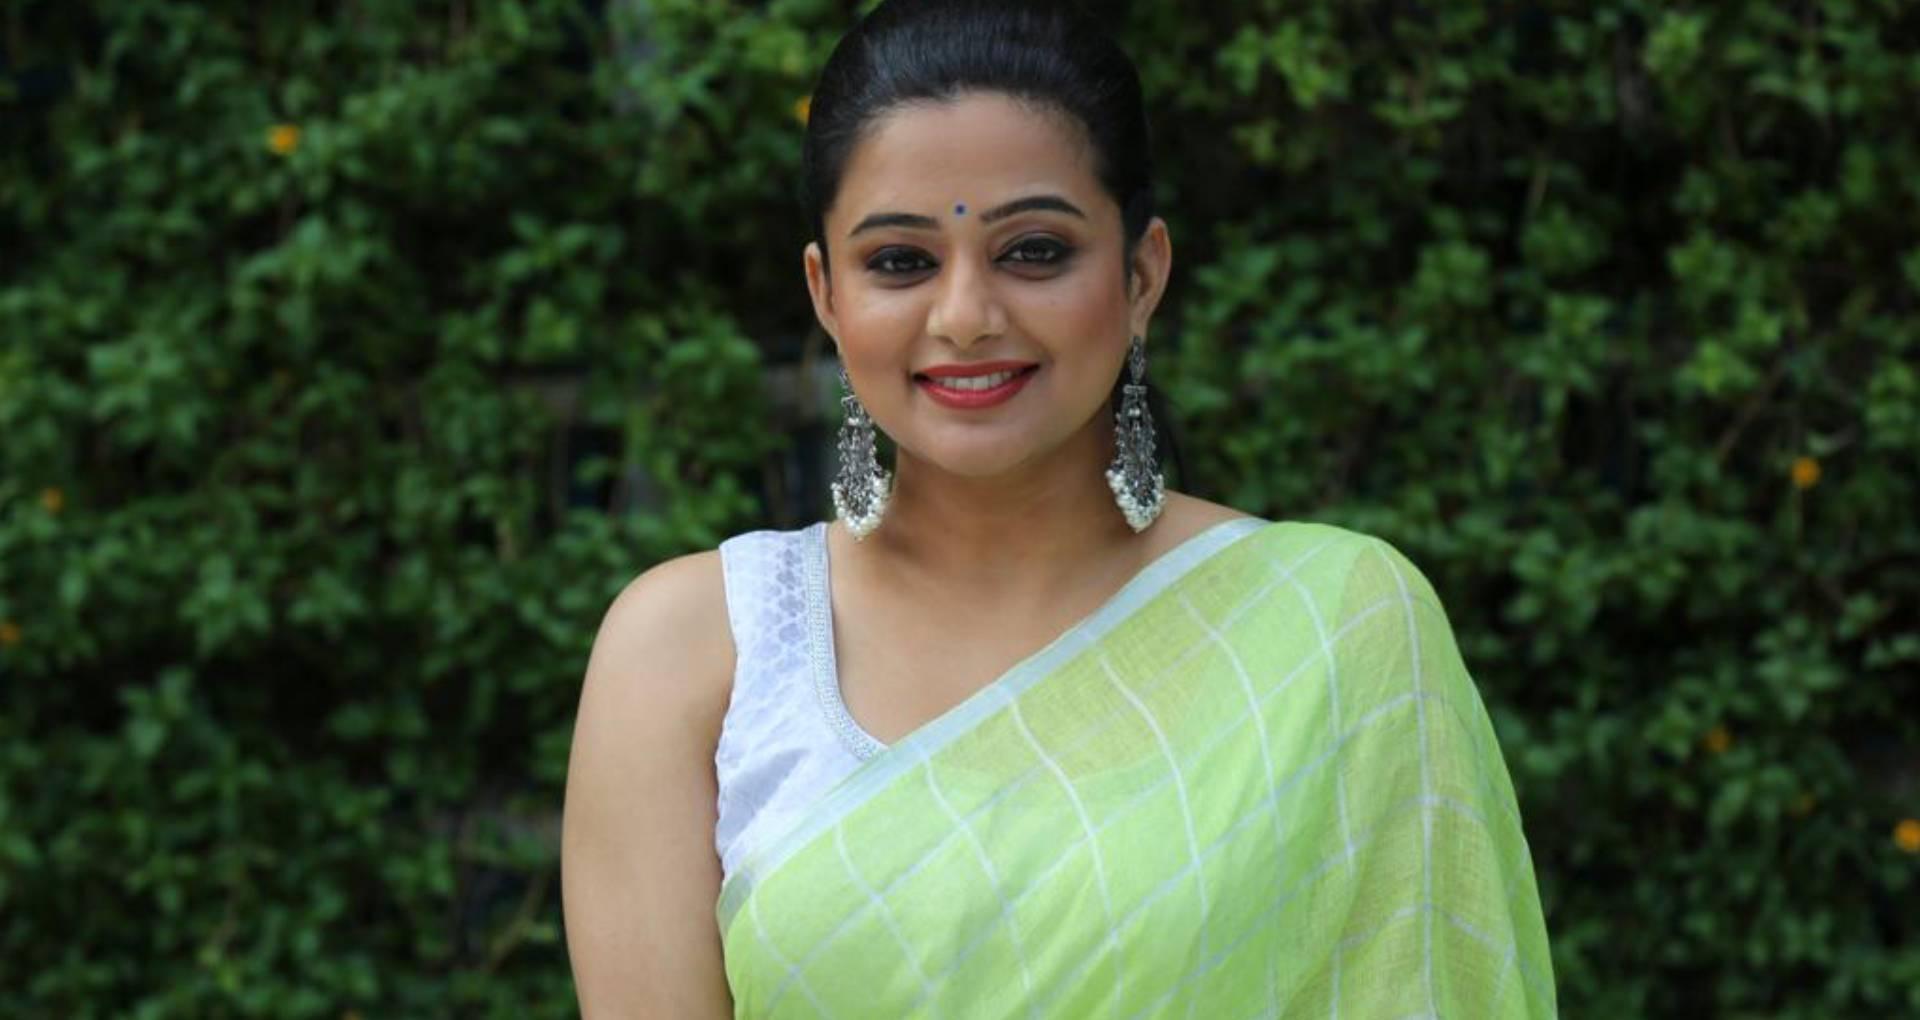 Exclusive: प्रियामणि ने इस वजह से चुना द फैमली मैन, ऐसा रहा मनोज बाजपेयी संग काम करने का एक्सपीरिएंस